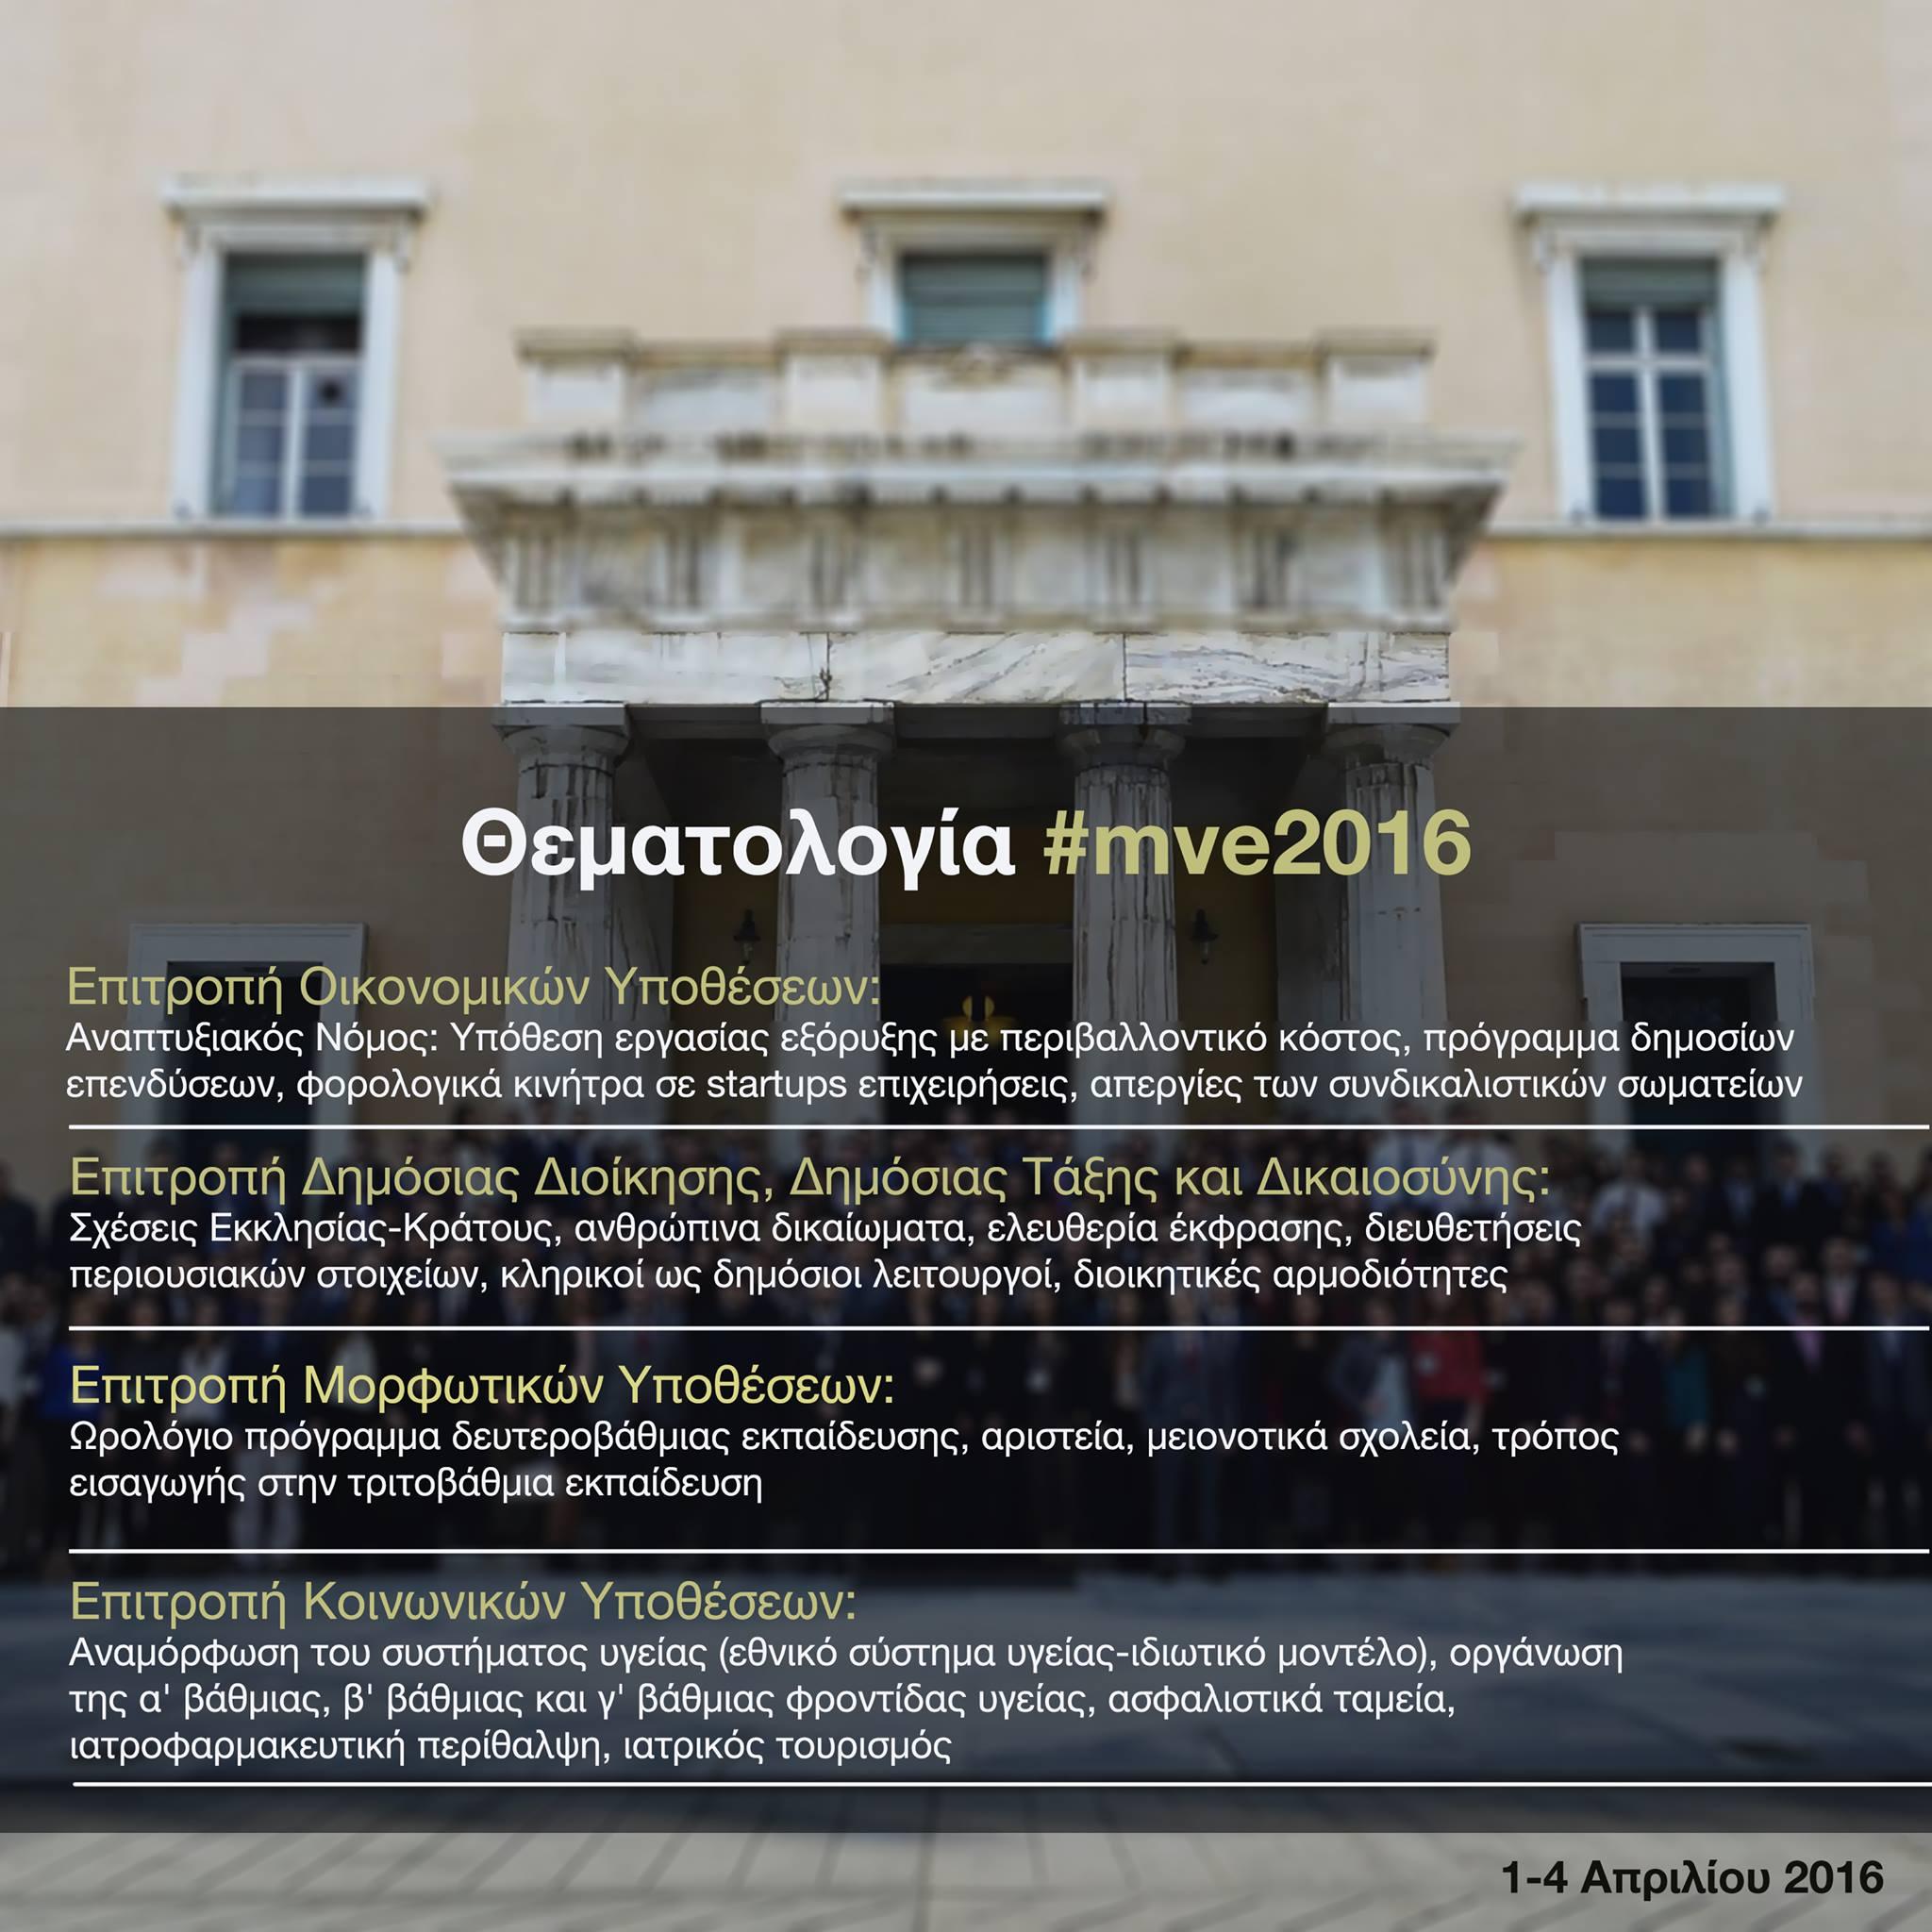 http://millennials.gr/wp-content/uploads/2015/12/thematologia-mve-2016.jpg